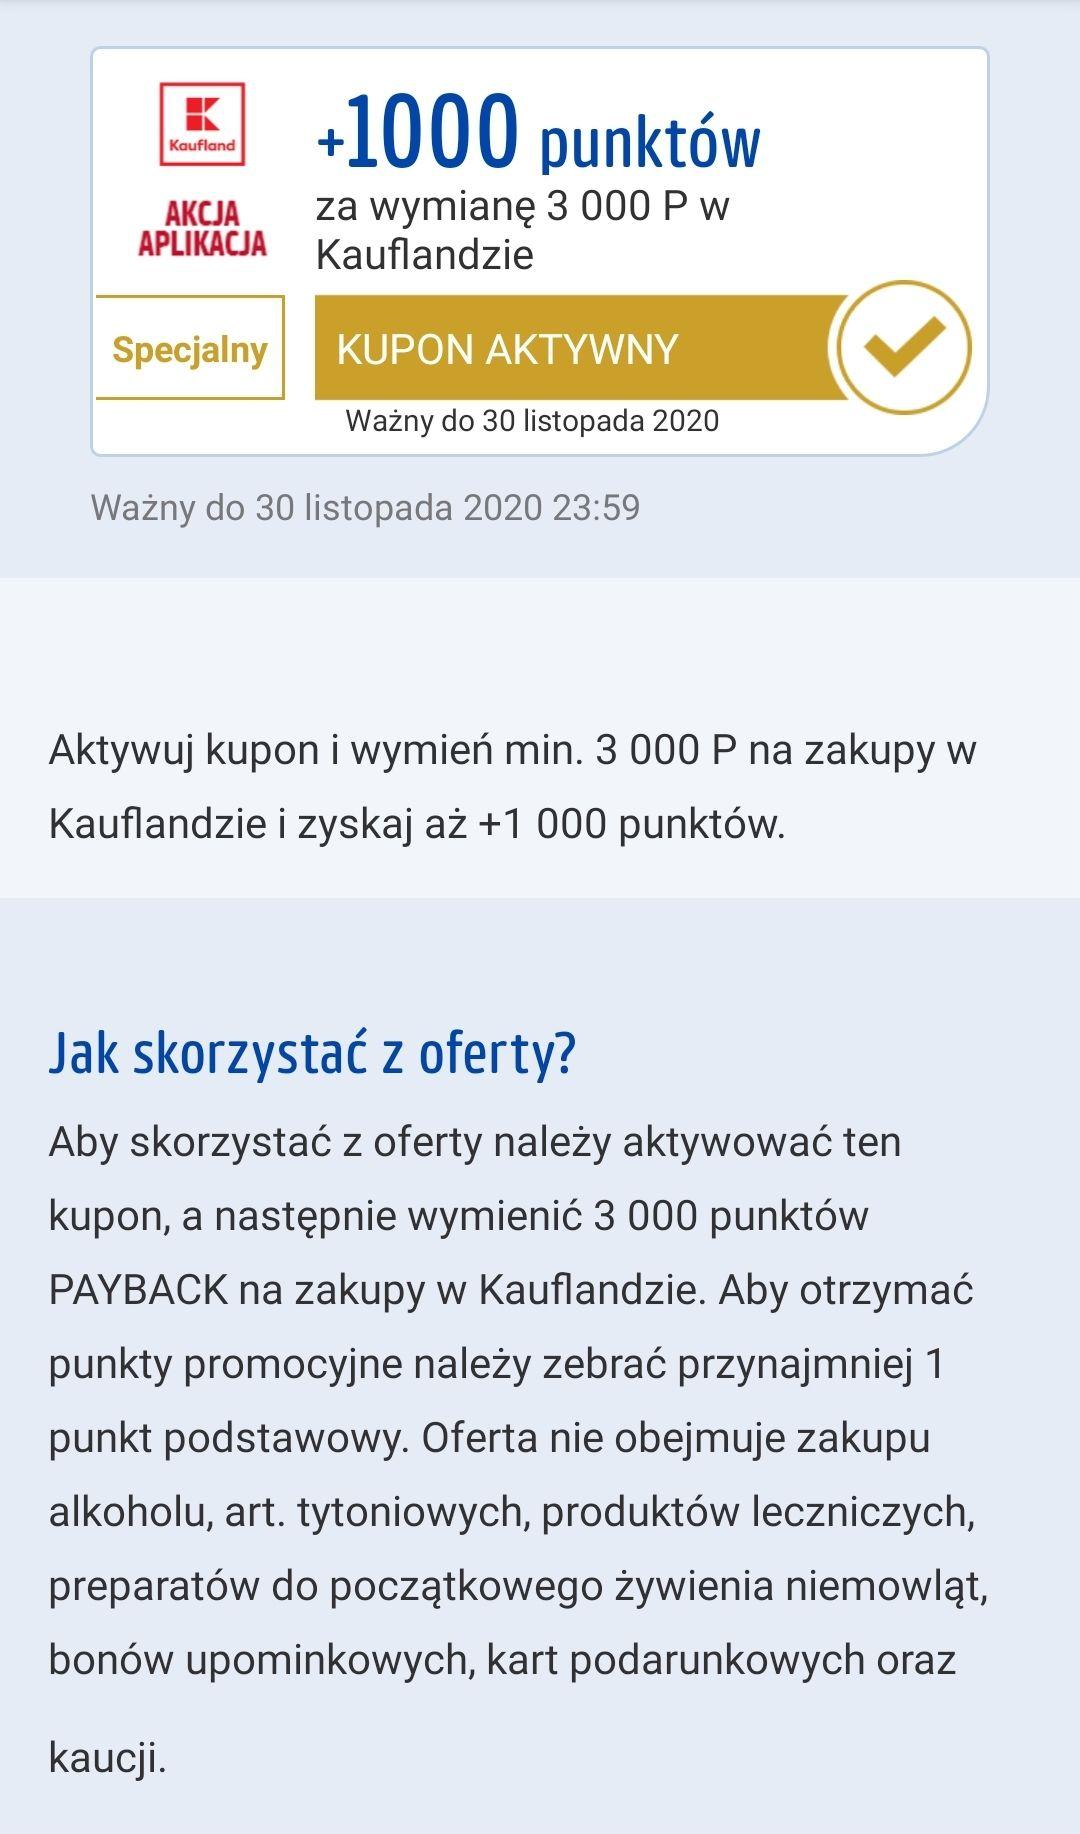 Kaufland 1000pkt Payback za wymianę 3000pkt. Realne 10zl zwrotu.